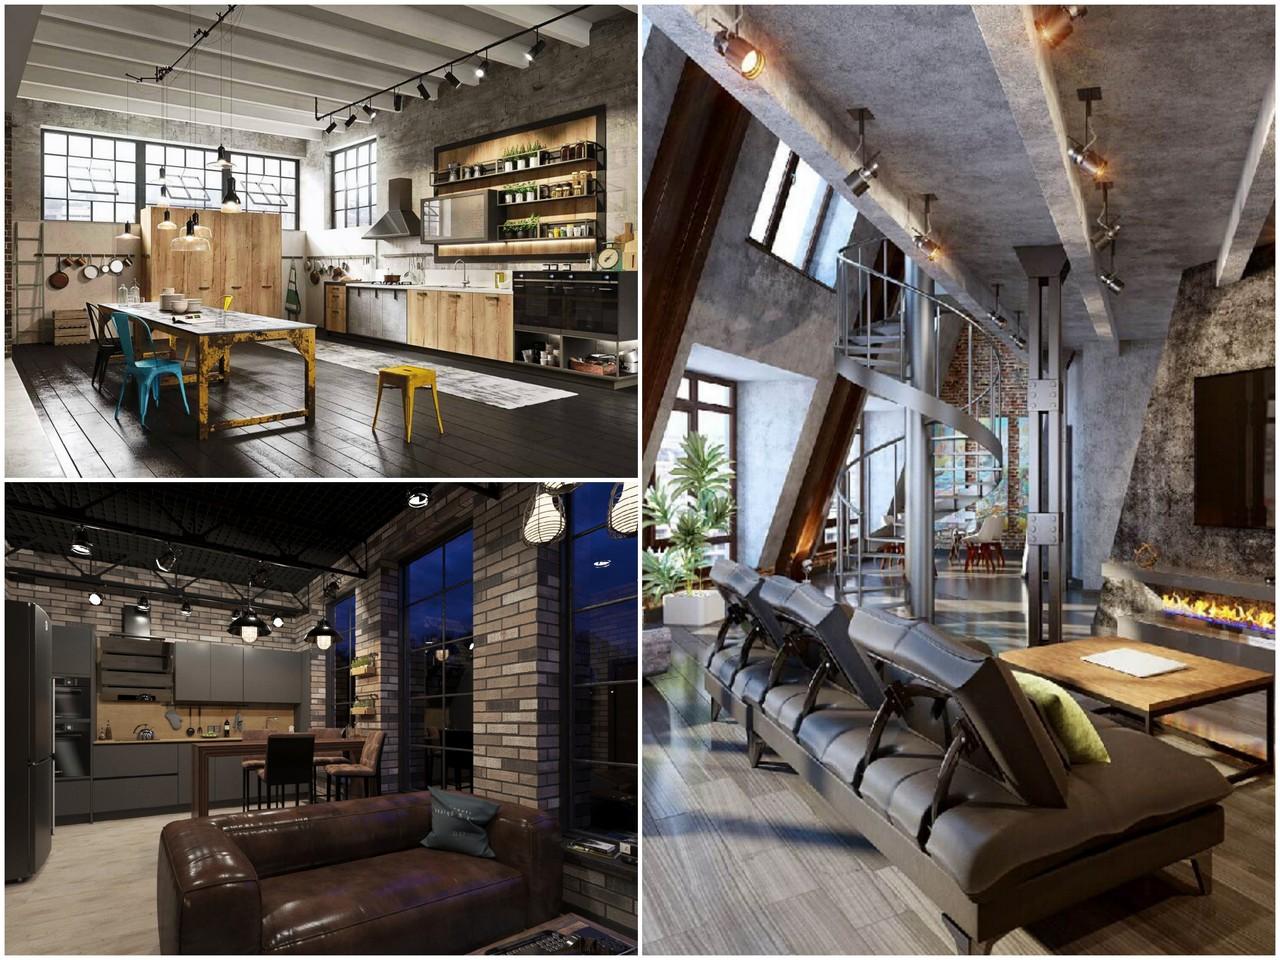 Преимущества интерьера кухни в стиле Loft